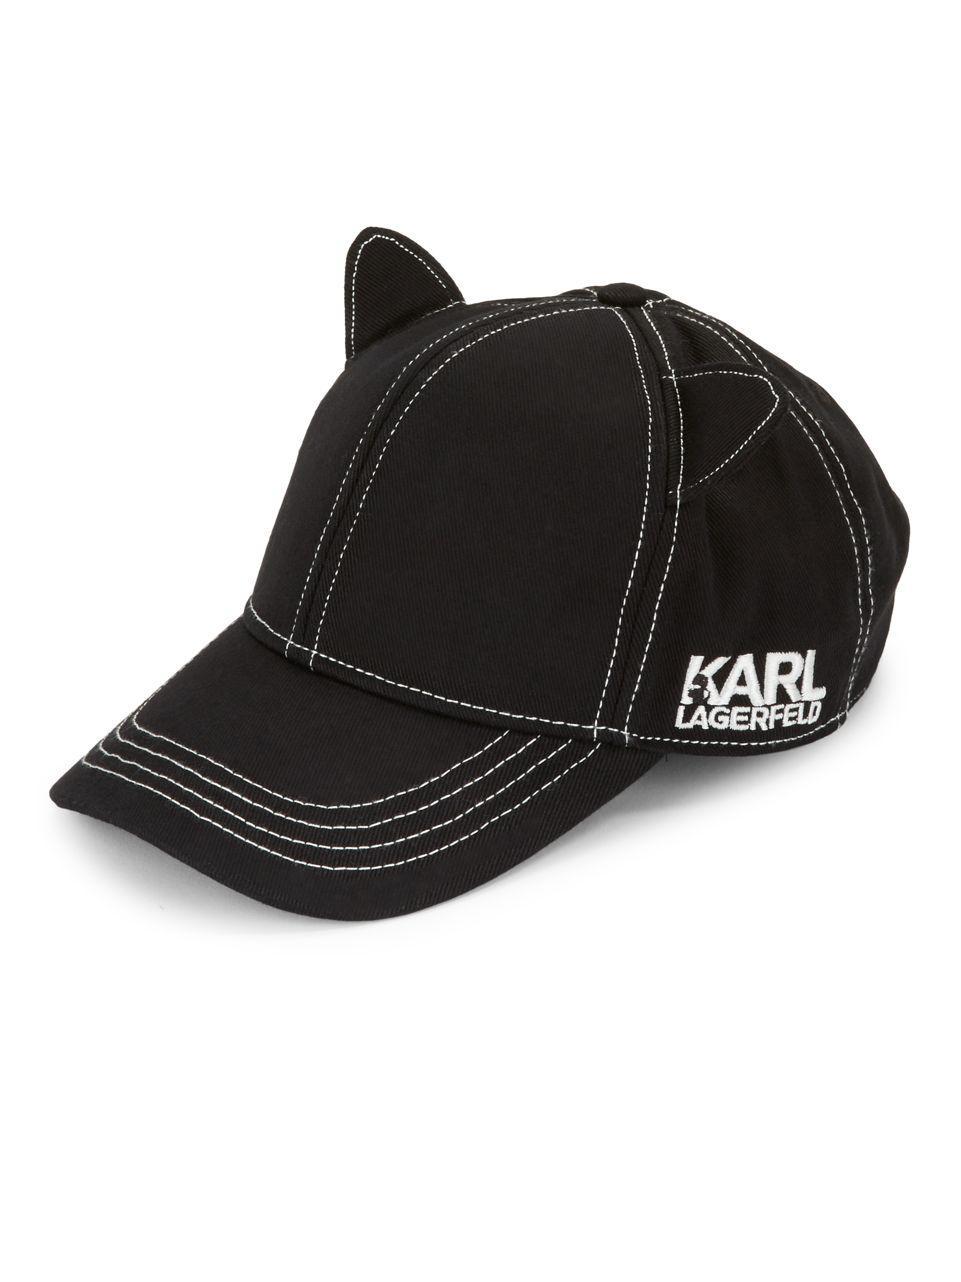 Karl Lagerfeld Cat Ears Baseball Hat in Black - Lyst 98425dc1379